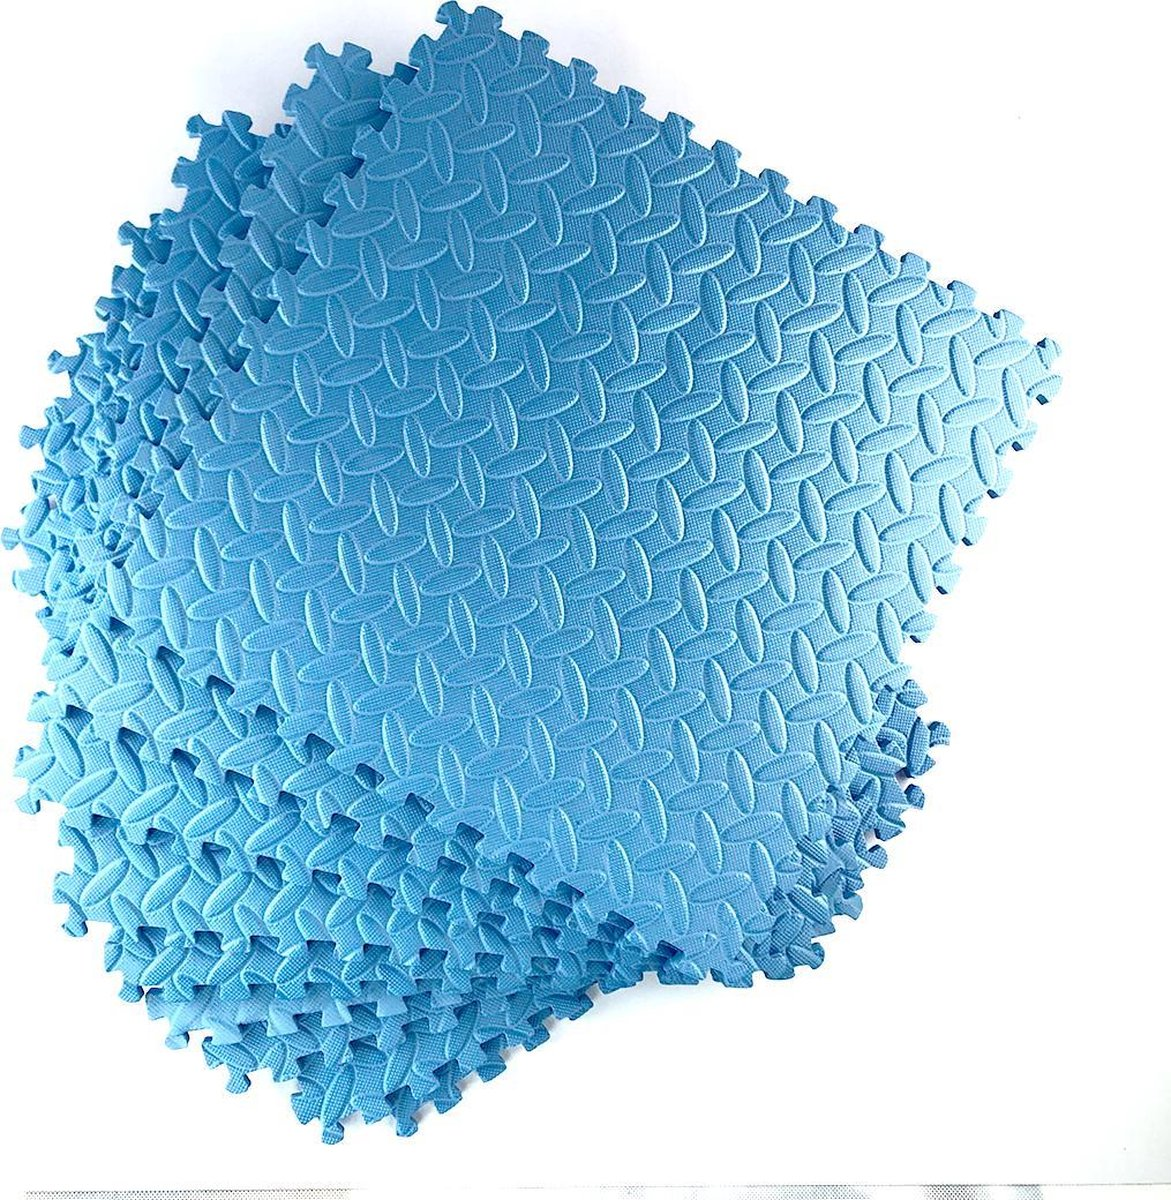 Zwembadtegel ondergrond van WDMT™ | 38,5 x 38,5 x 0,8 cm | 9-delige ondervoer voor zwembaden | Vloermat eenvoudig te bevestigen en reinigen | Blauw